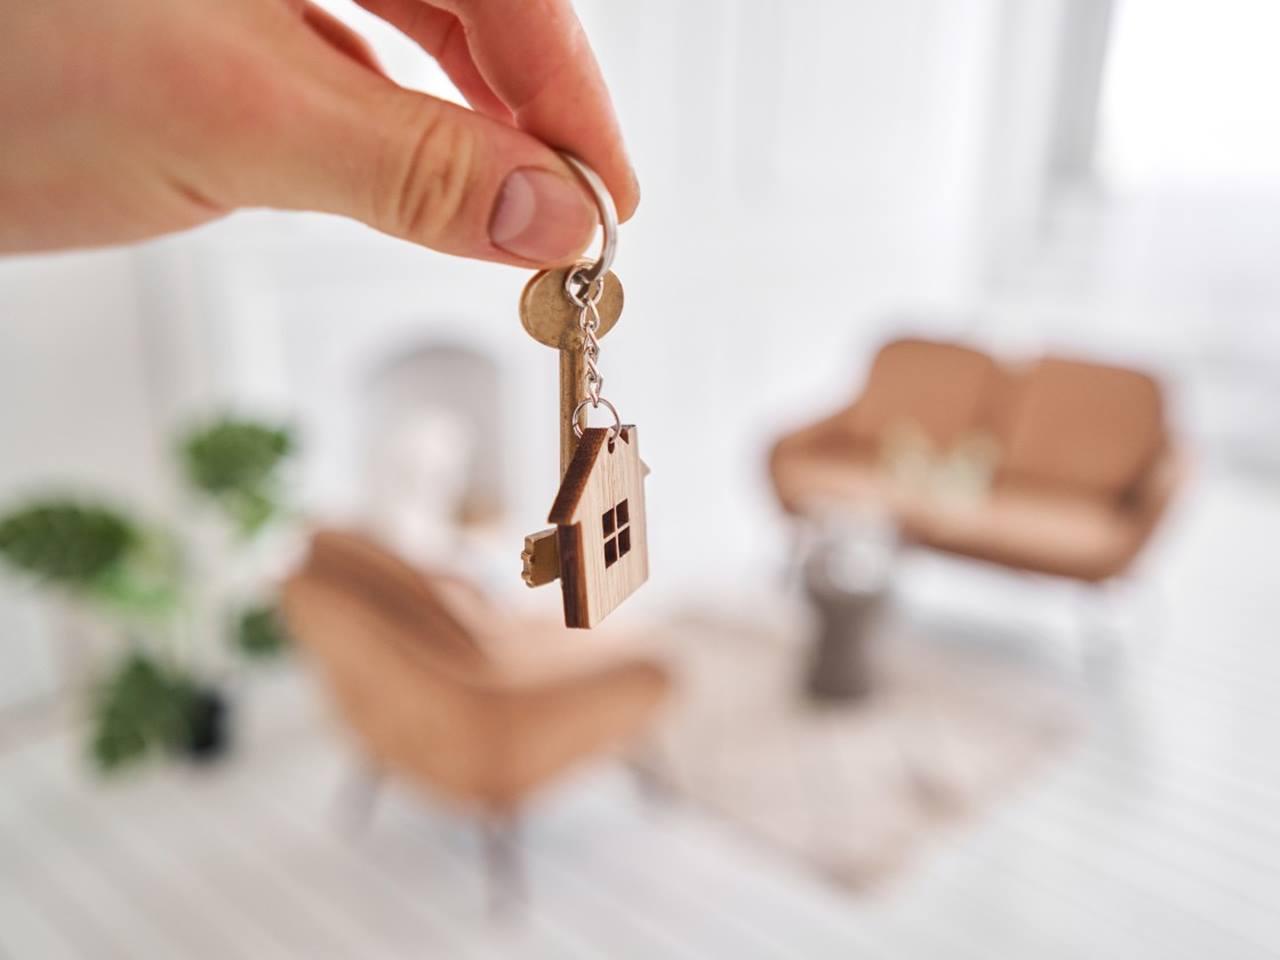 chaveiro de casa representando aluguel mais barato